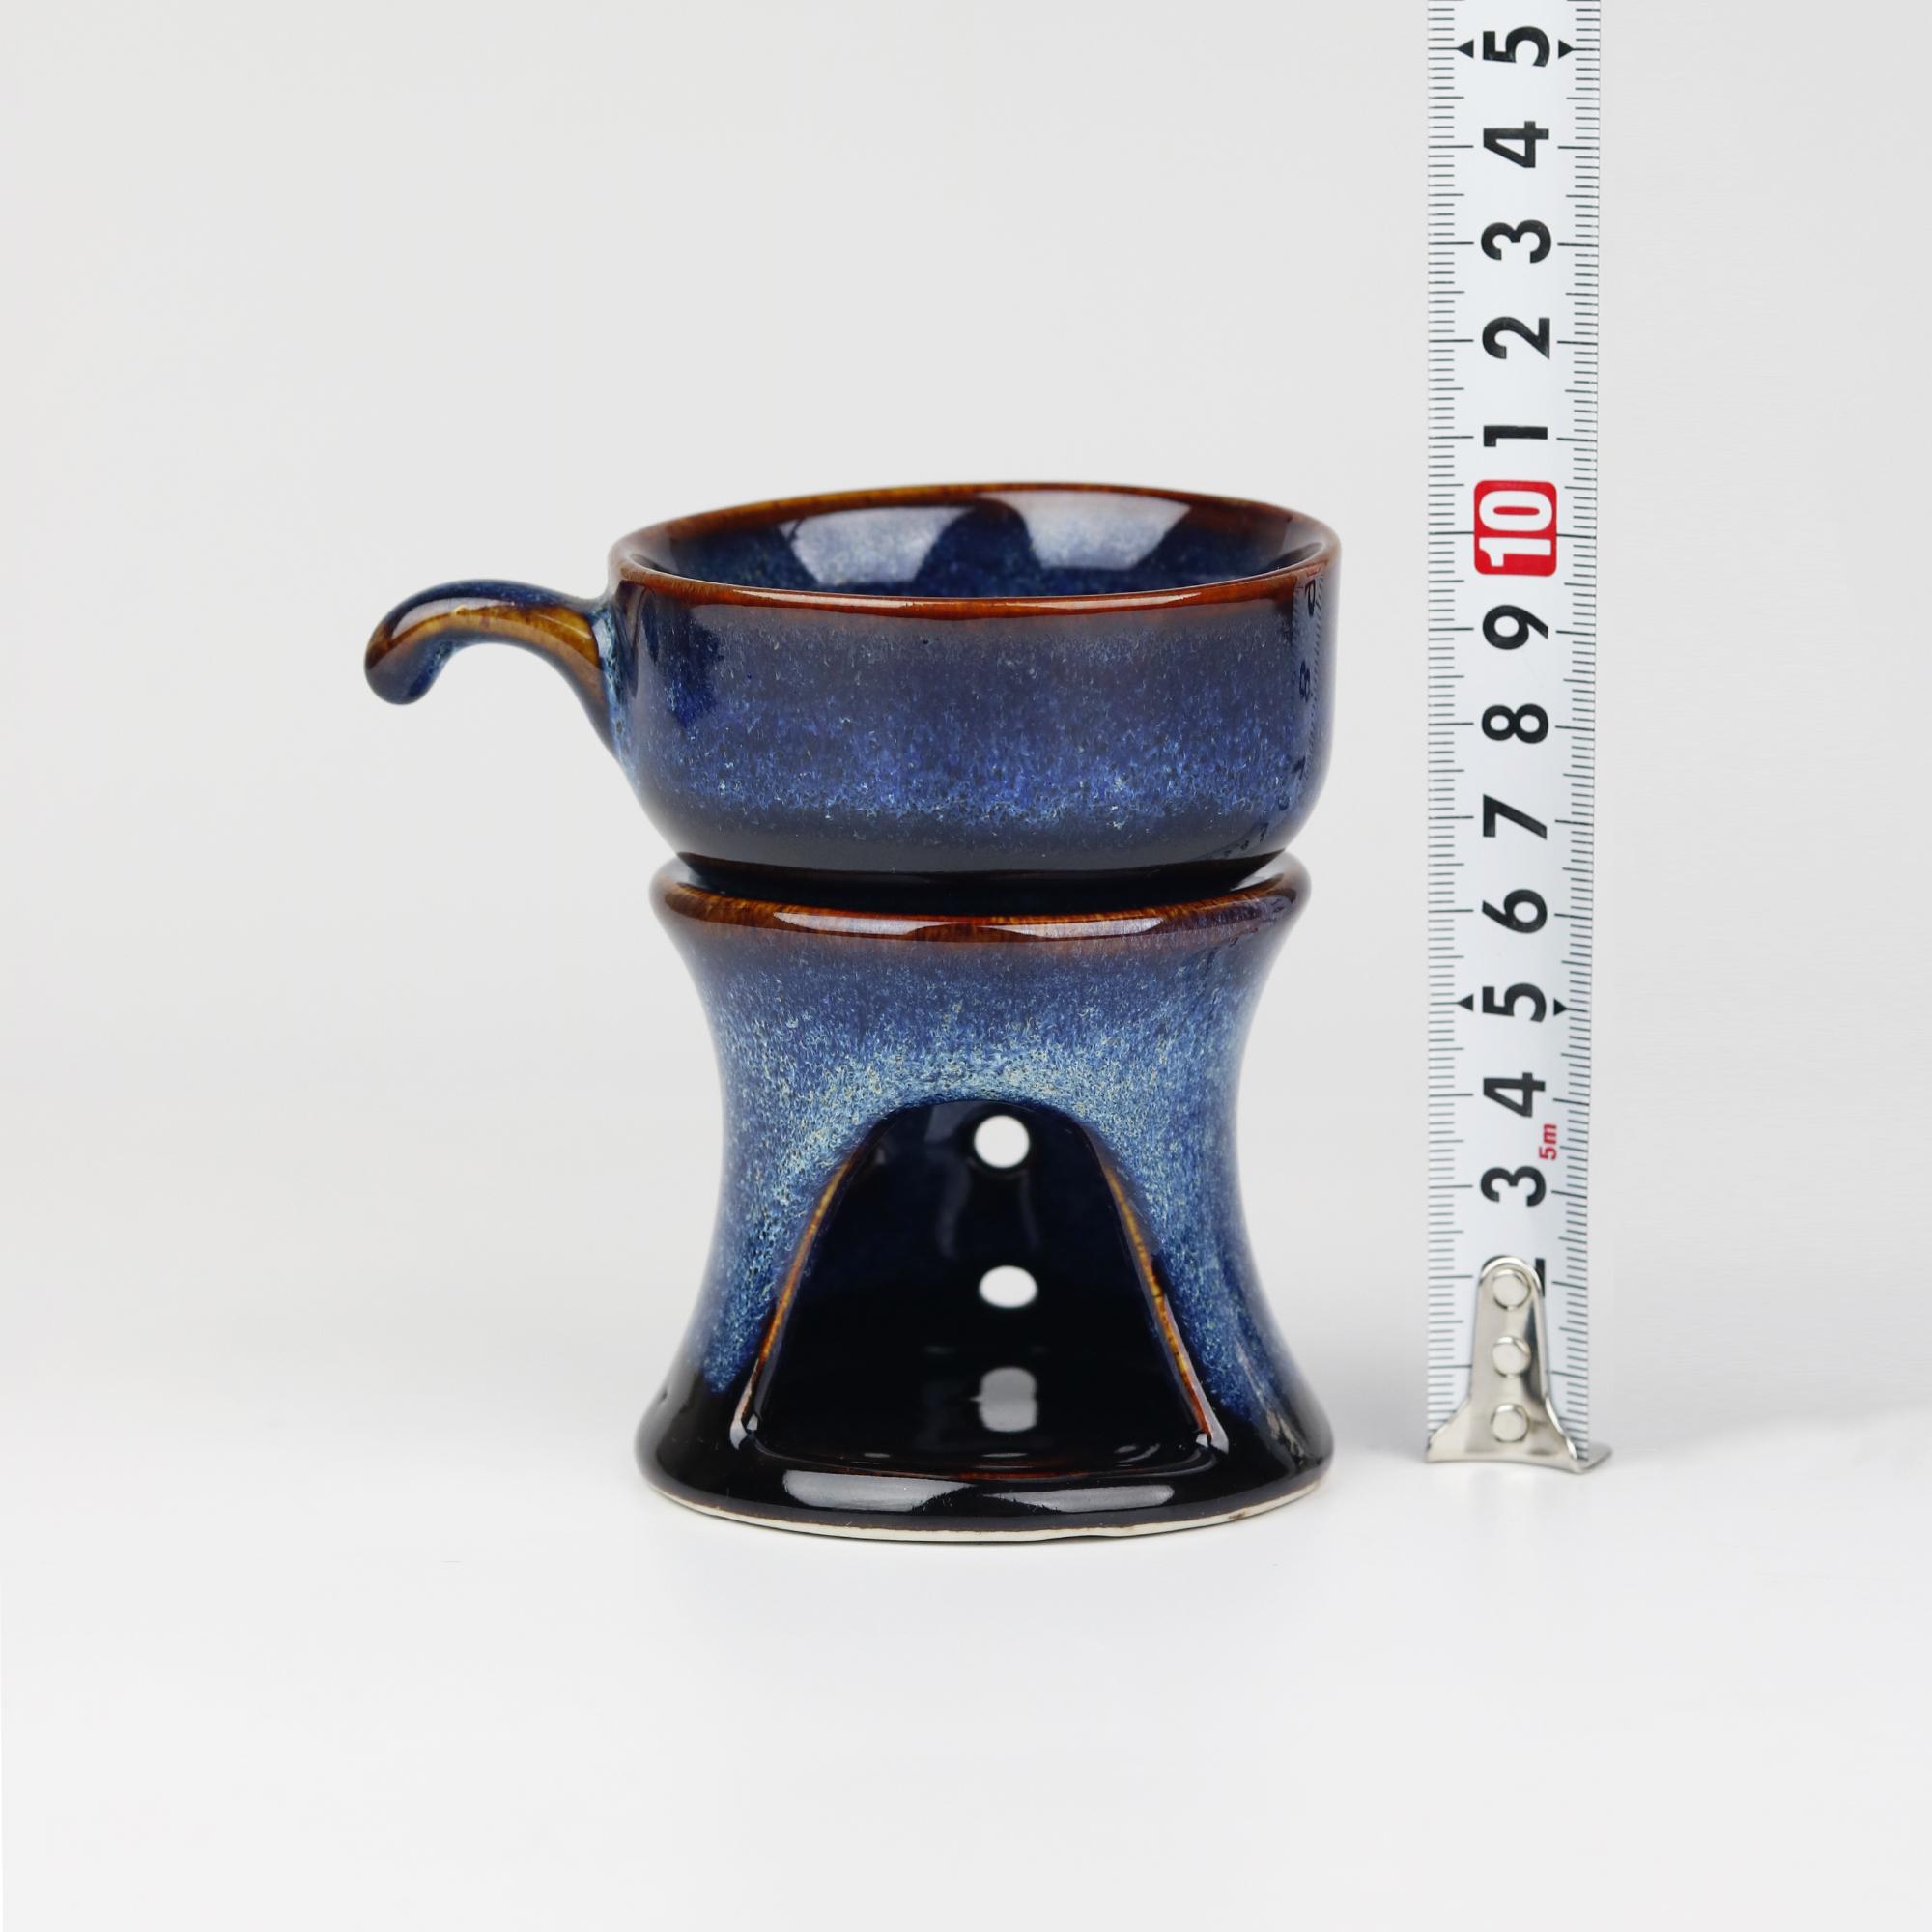 Bộ Ly Hâm Nóng Cafe Men Hỏa Biến Bát Tràng Cao Cấp - Khử kim loại nặng